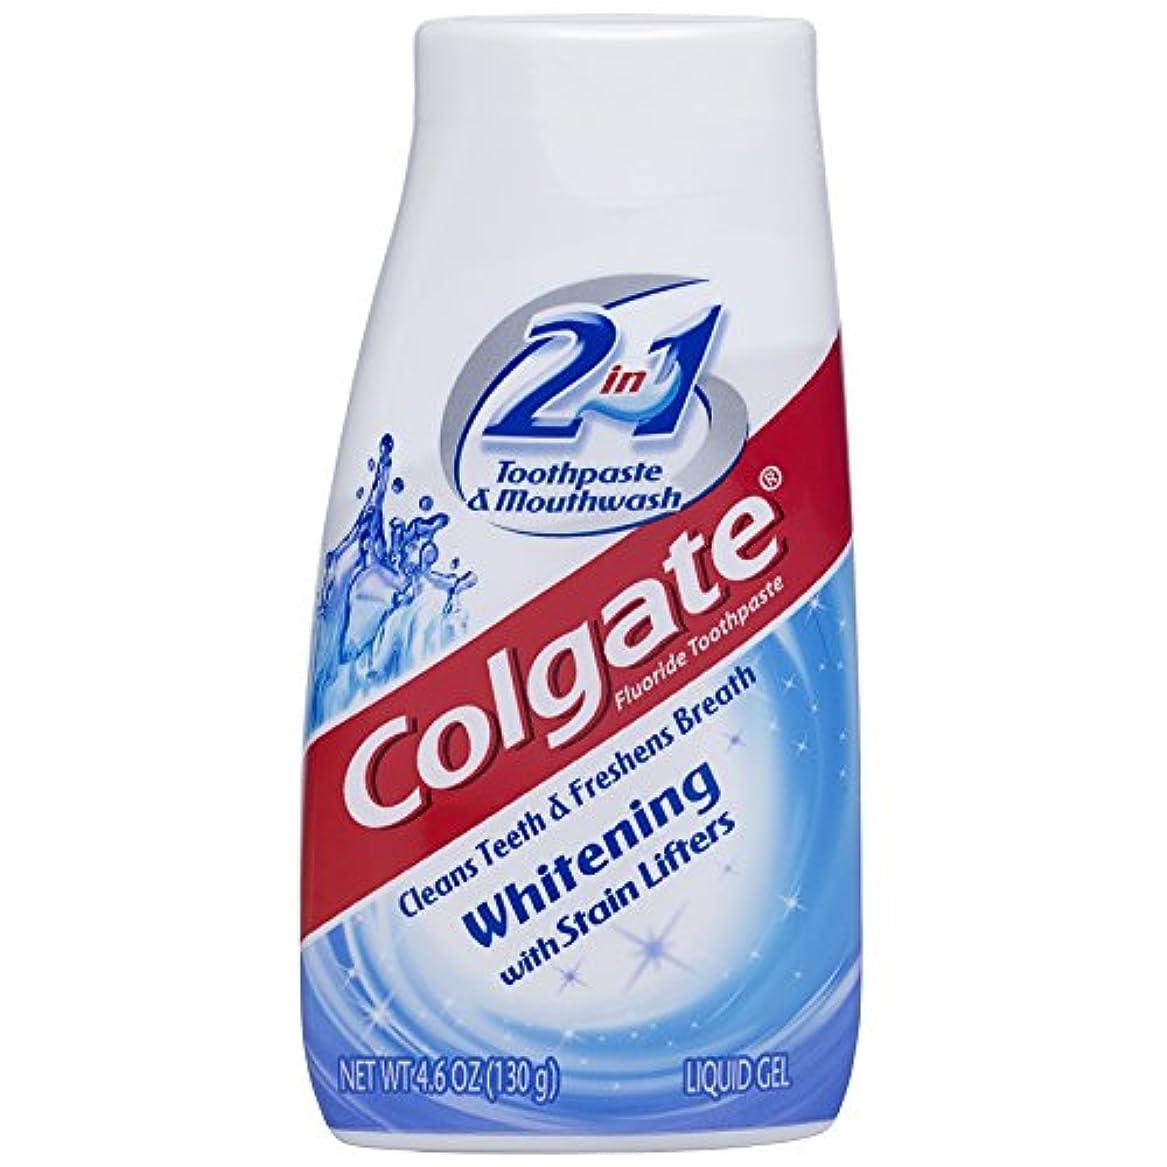 抜本的な探検時代遅れ海外直送品Colgate 2 In 1 Toothpaste & Mouthwash Whitening, 4.6 oz by Colgate